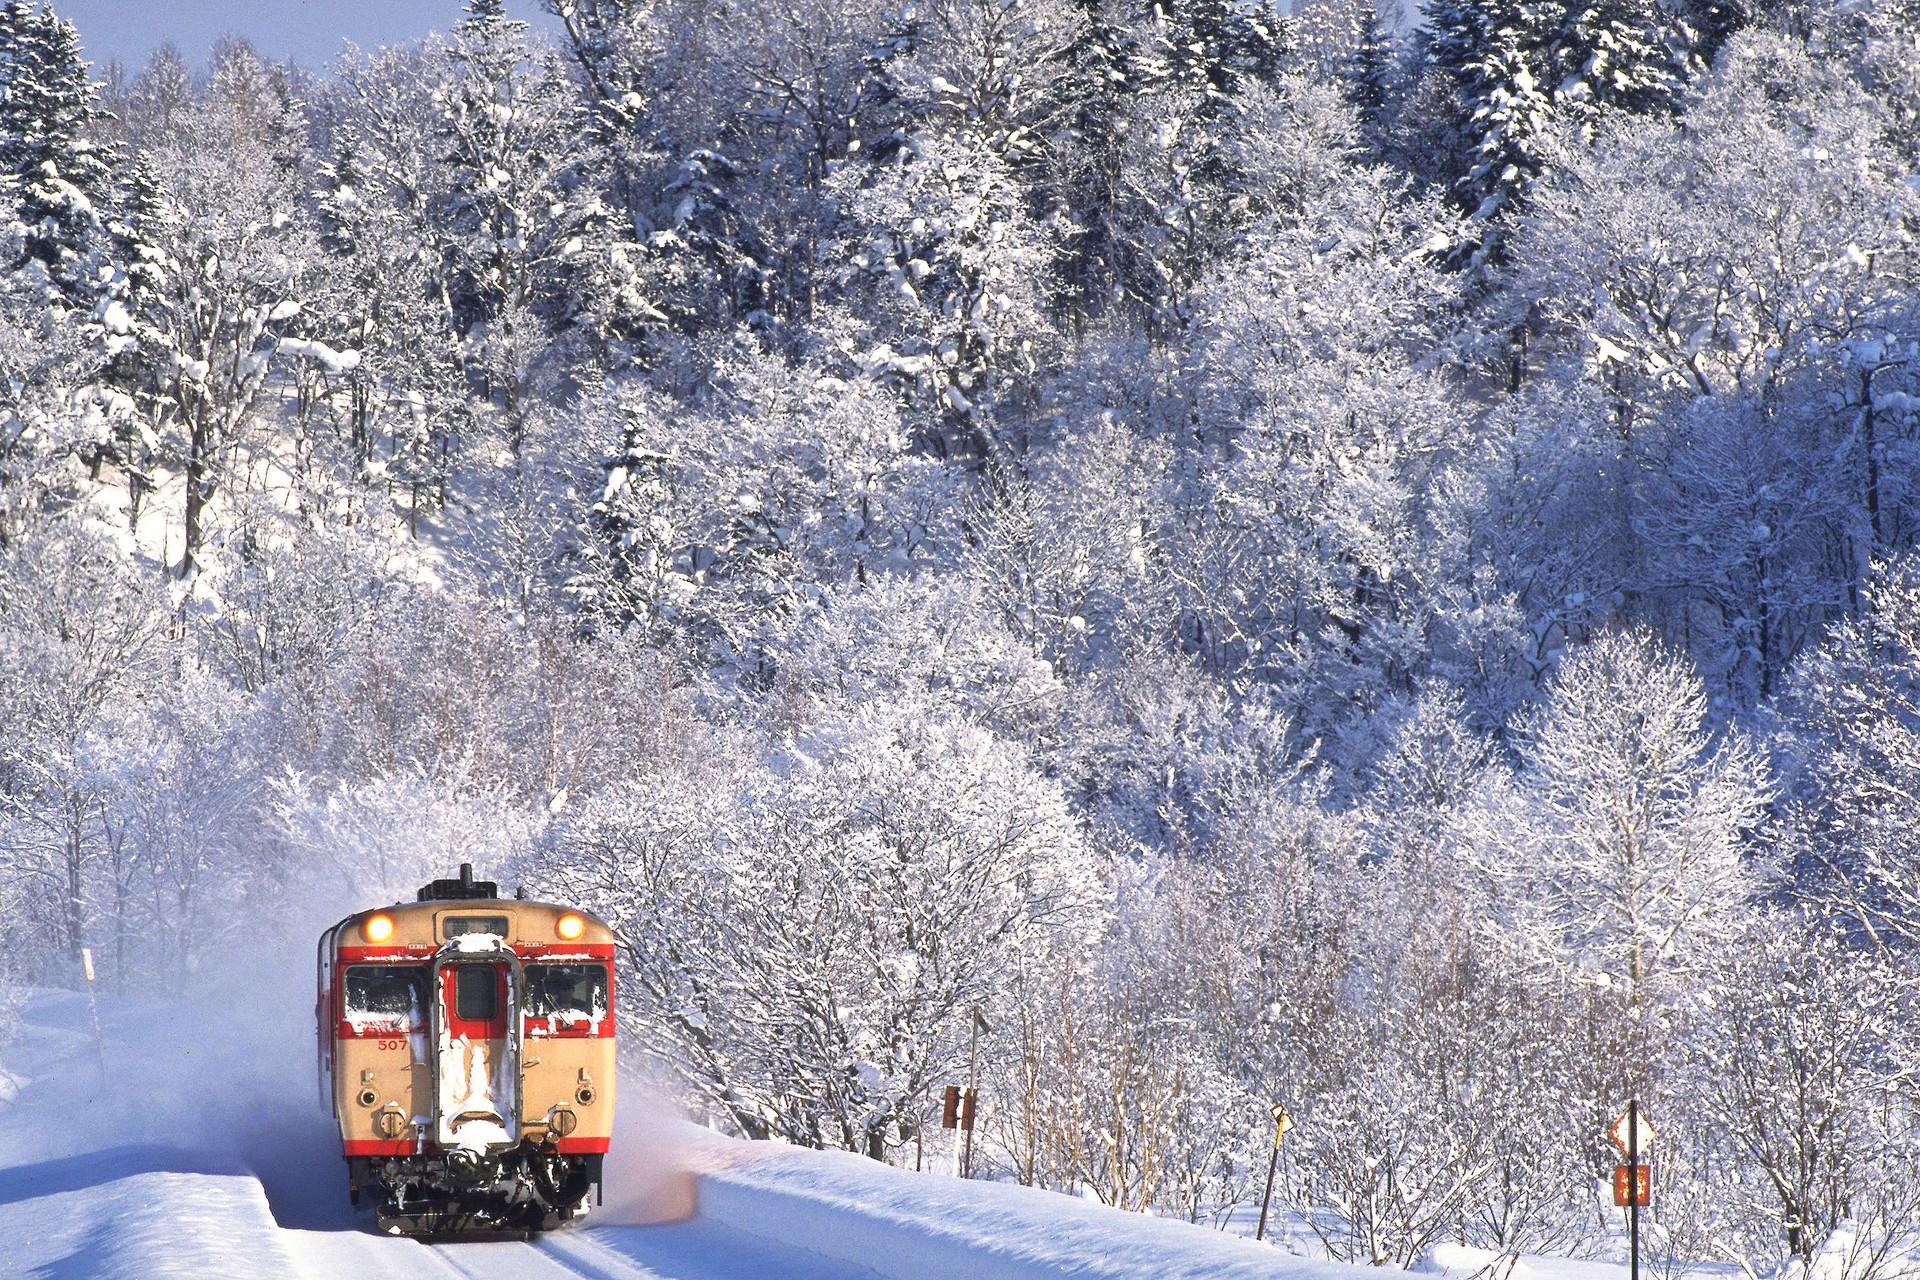 日本东京+箱根+富士山+京都+奈良+大阪6日游温泉之旅(暖冬双古都)